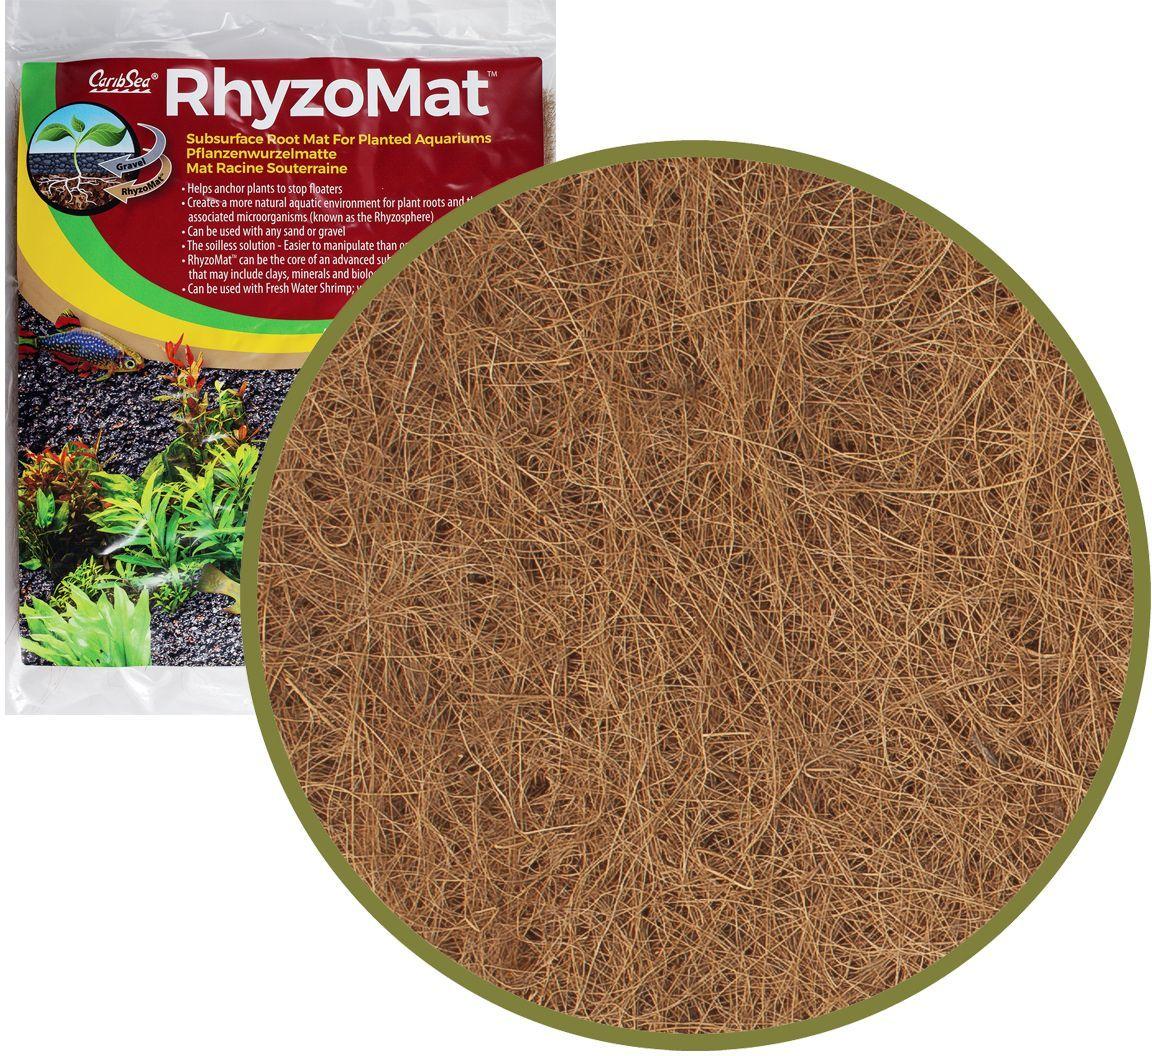 Мат подгрунтовый корневой Caribsea , 30 x 30 см0120710Натуральный волокнистый мат помогает растениям закрепить корни и создать естественную водную среду для корней и связанных с ними микроорганизмов. Может использоваться с любым песком или гравием. Не повышает pH. Может быть разрезан или разорван на нужные размеры.